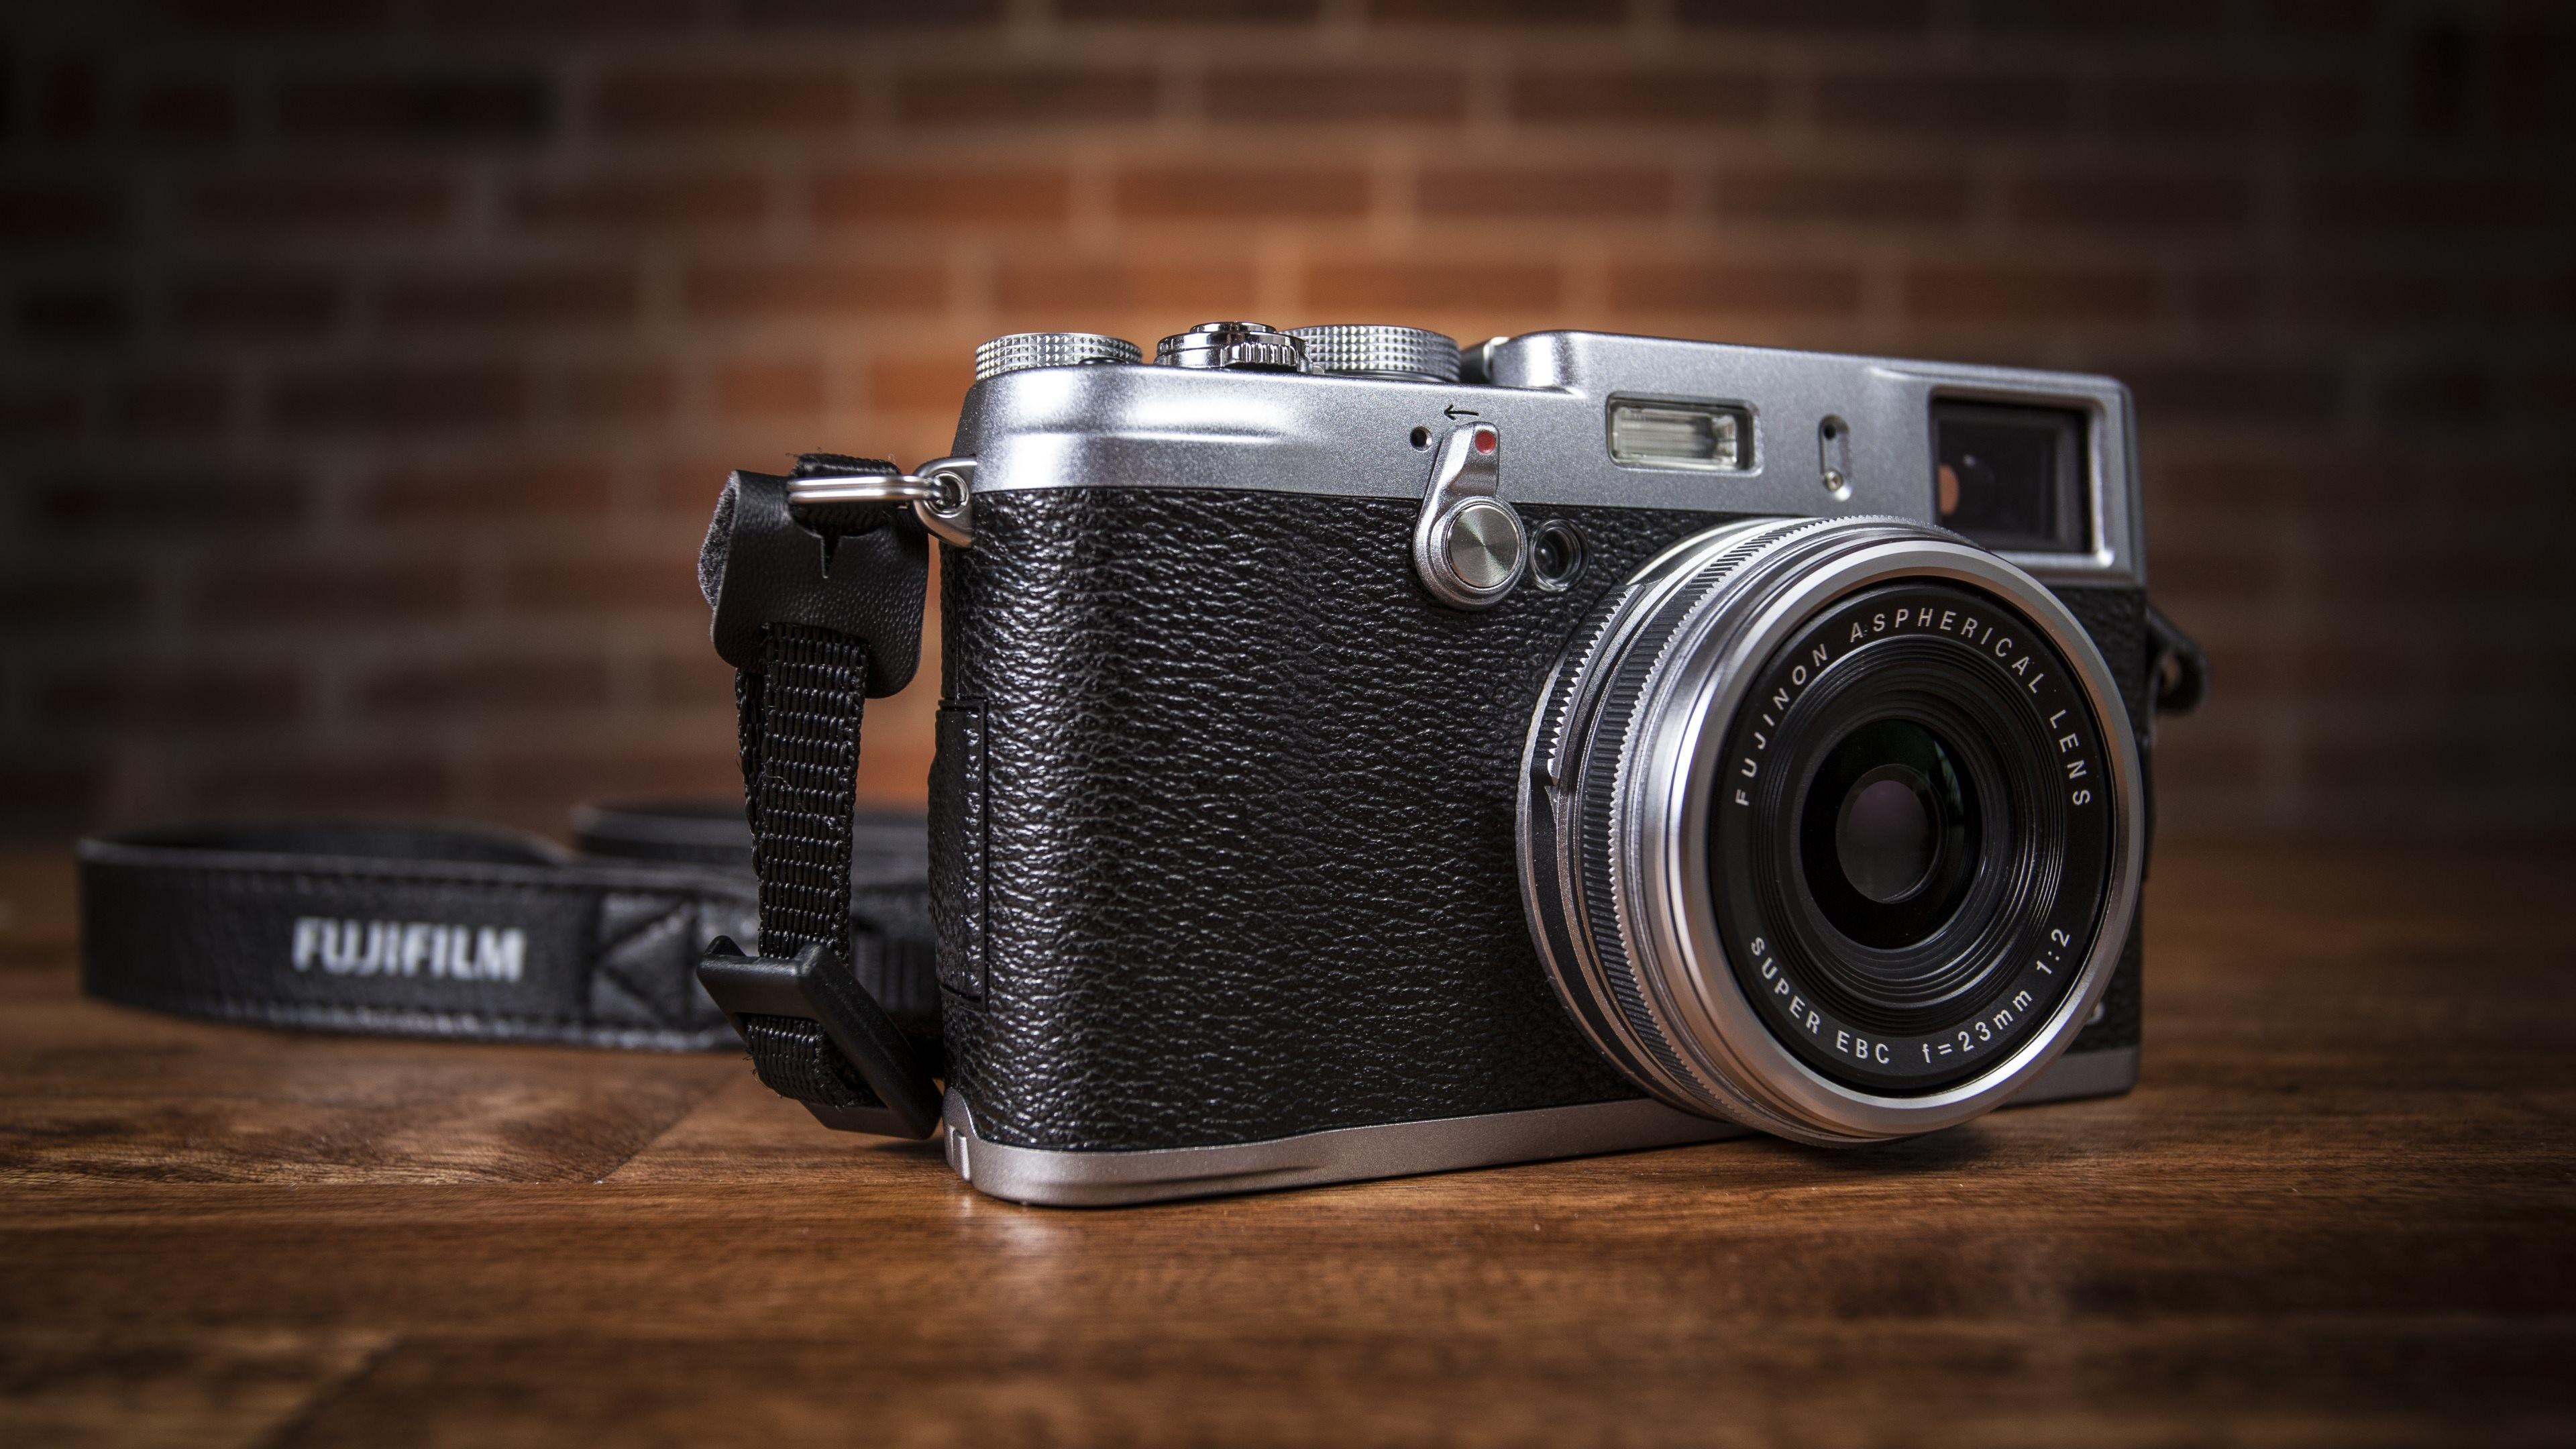 Wallpaper: Fuji X100S & Canon EOS 5D Mark II